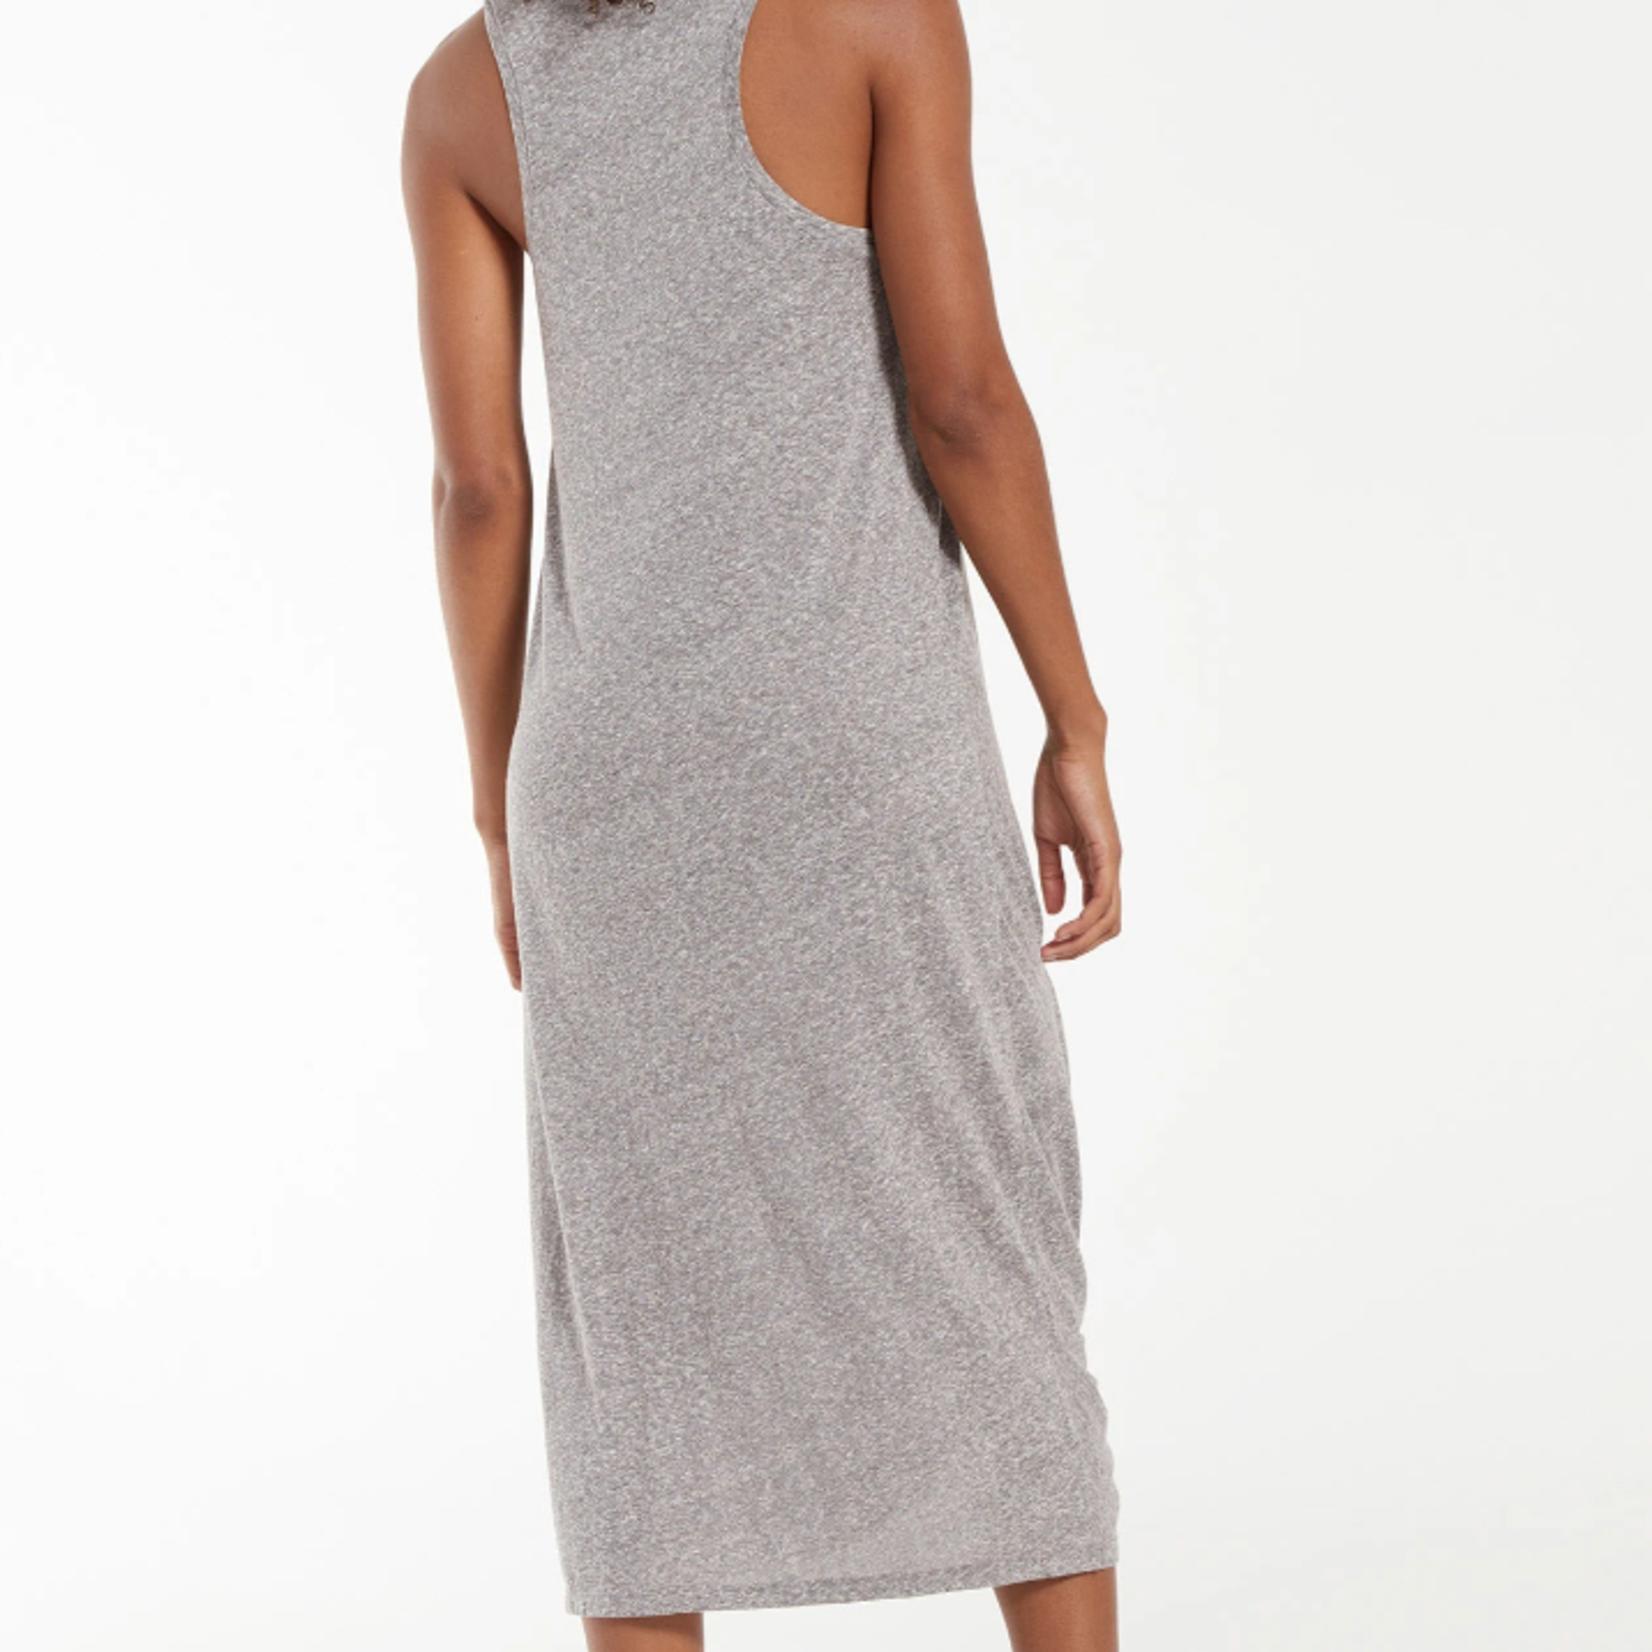 z supply Reverie Knot Dress